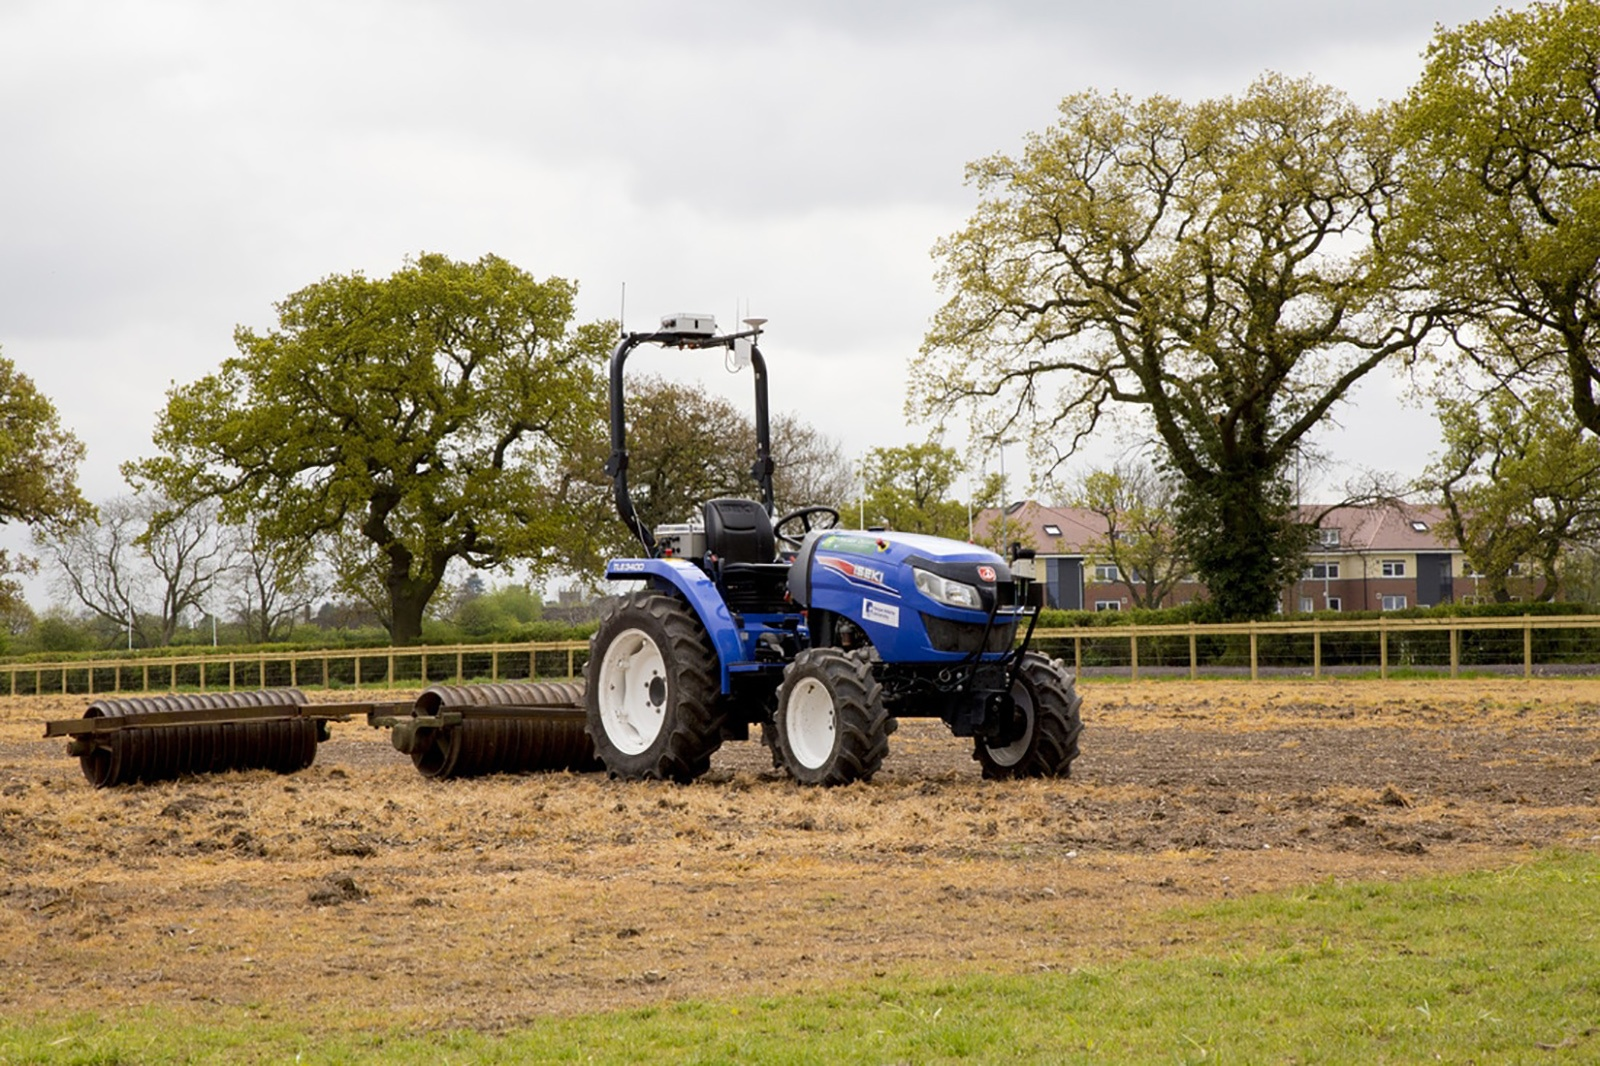 Агрономы-робототехники из Великобритании вырастили и собрали весь урожай при помощи автоматики - 1